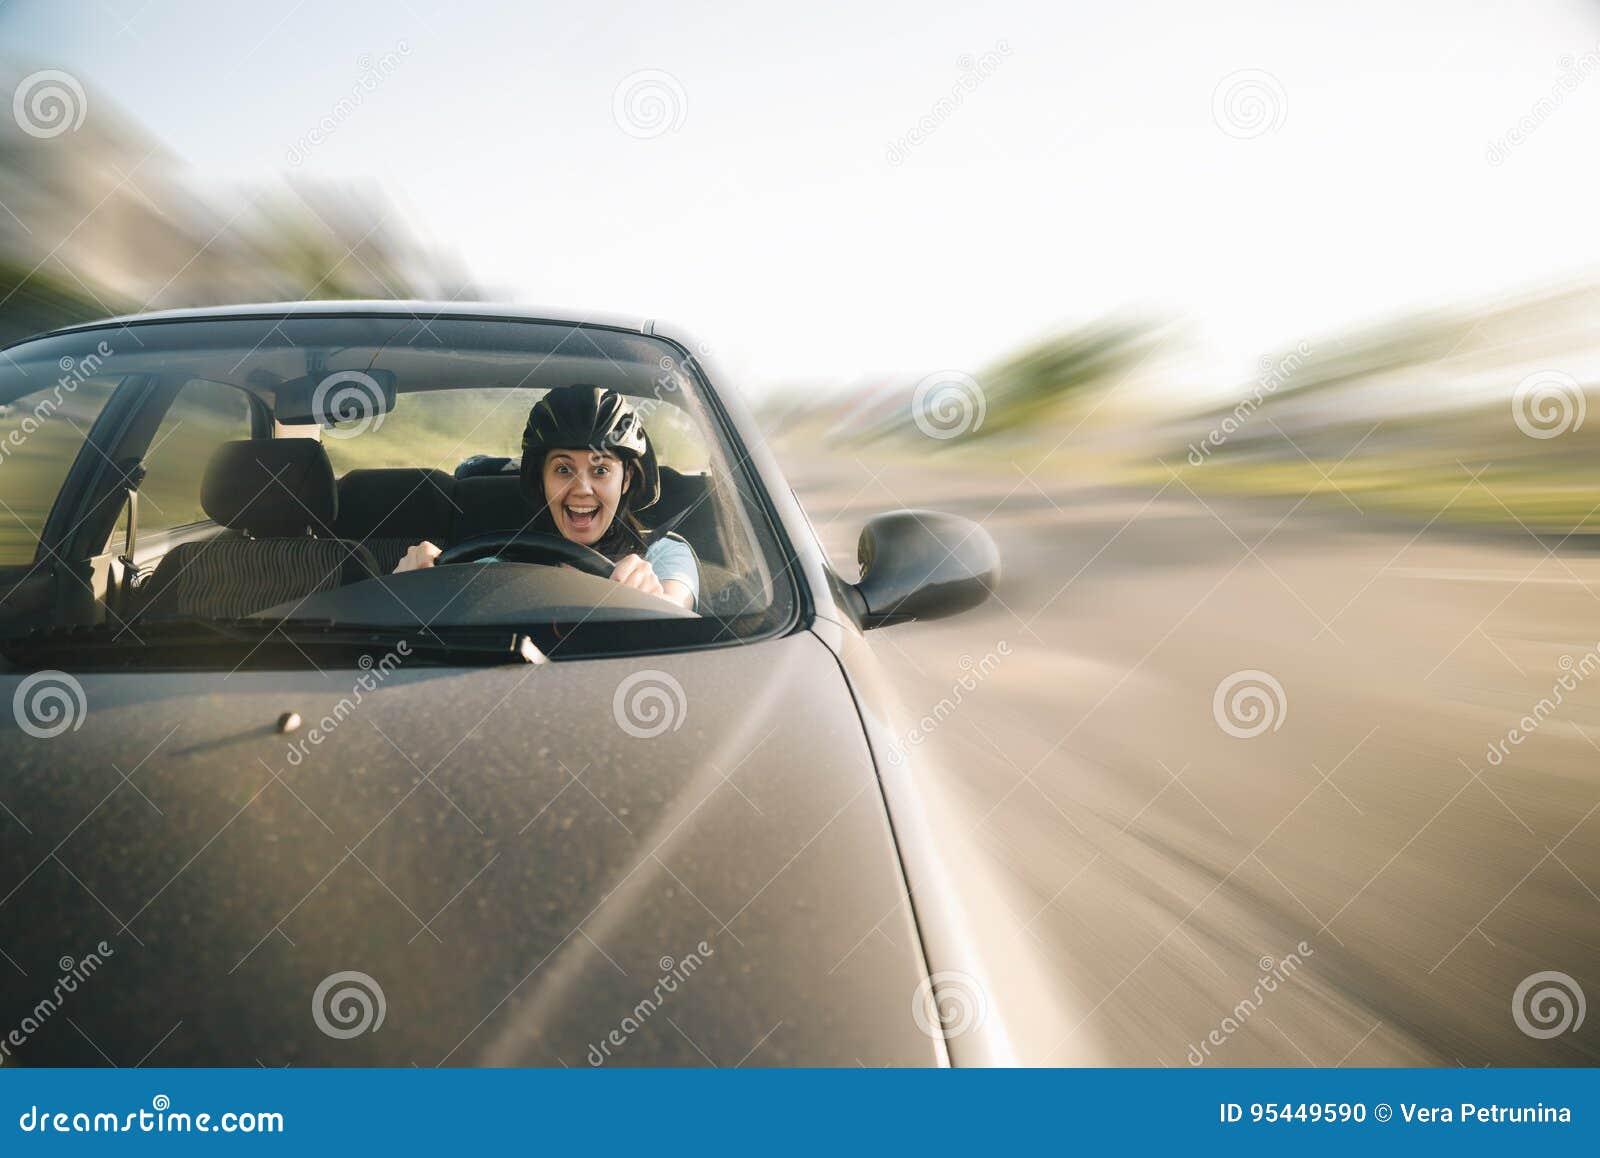 Mulher que conduz o carro no capacete com horror em sua cara